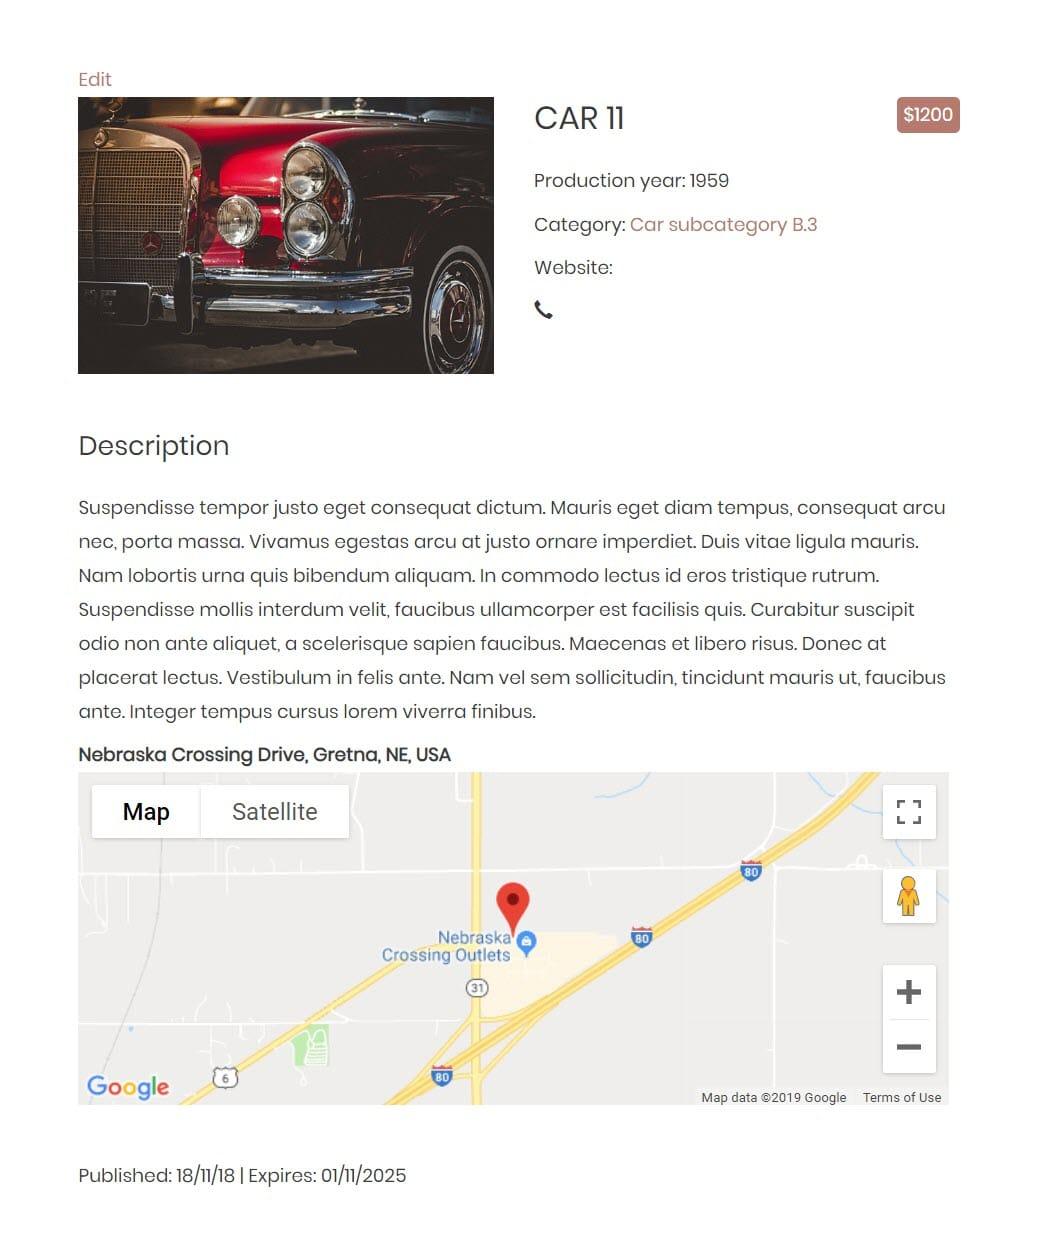 Ejemplo de plantilla de un anuncio de un coche